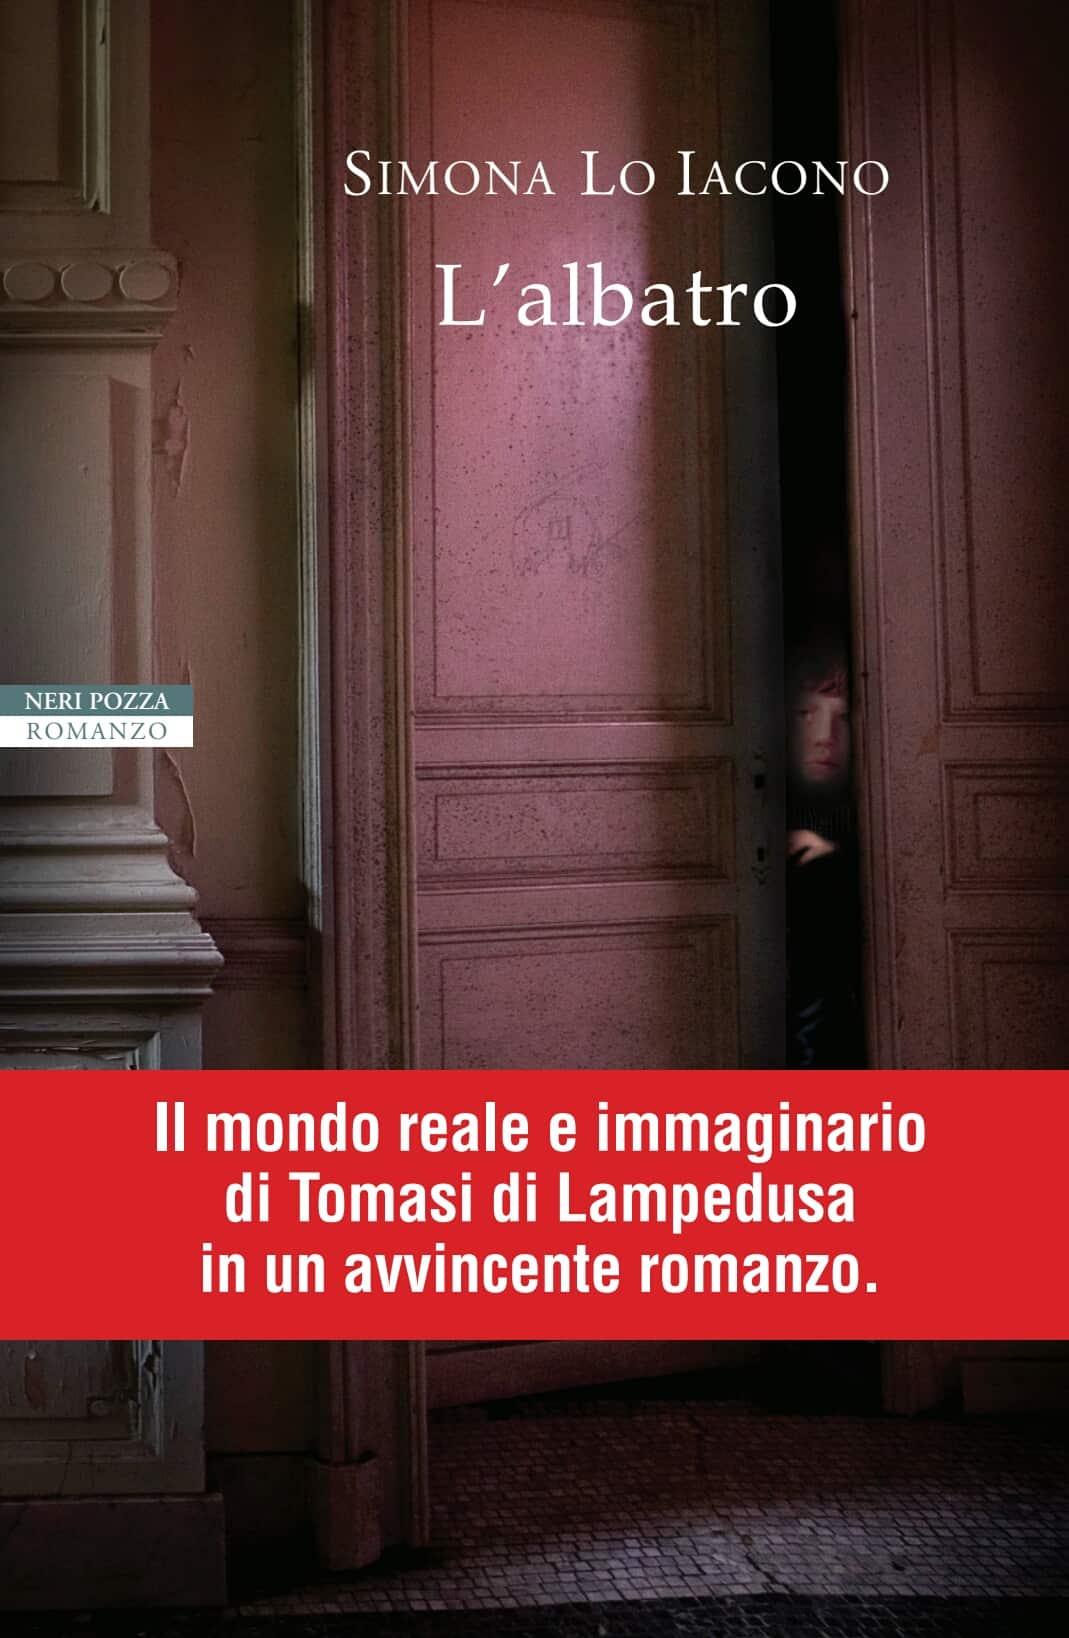 """Taormina, si presenta il libro """"L'albatro"""" di Simona Lo Iacono."""